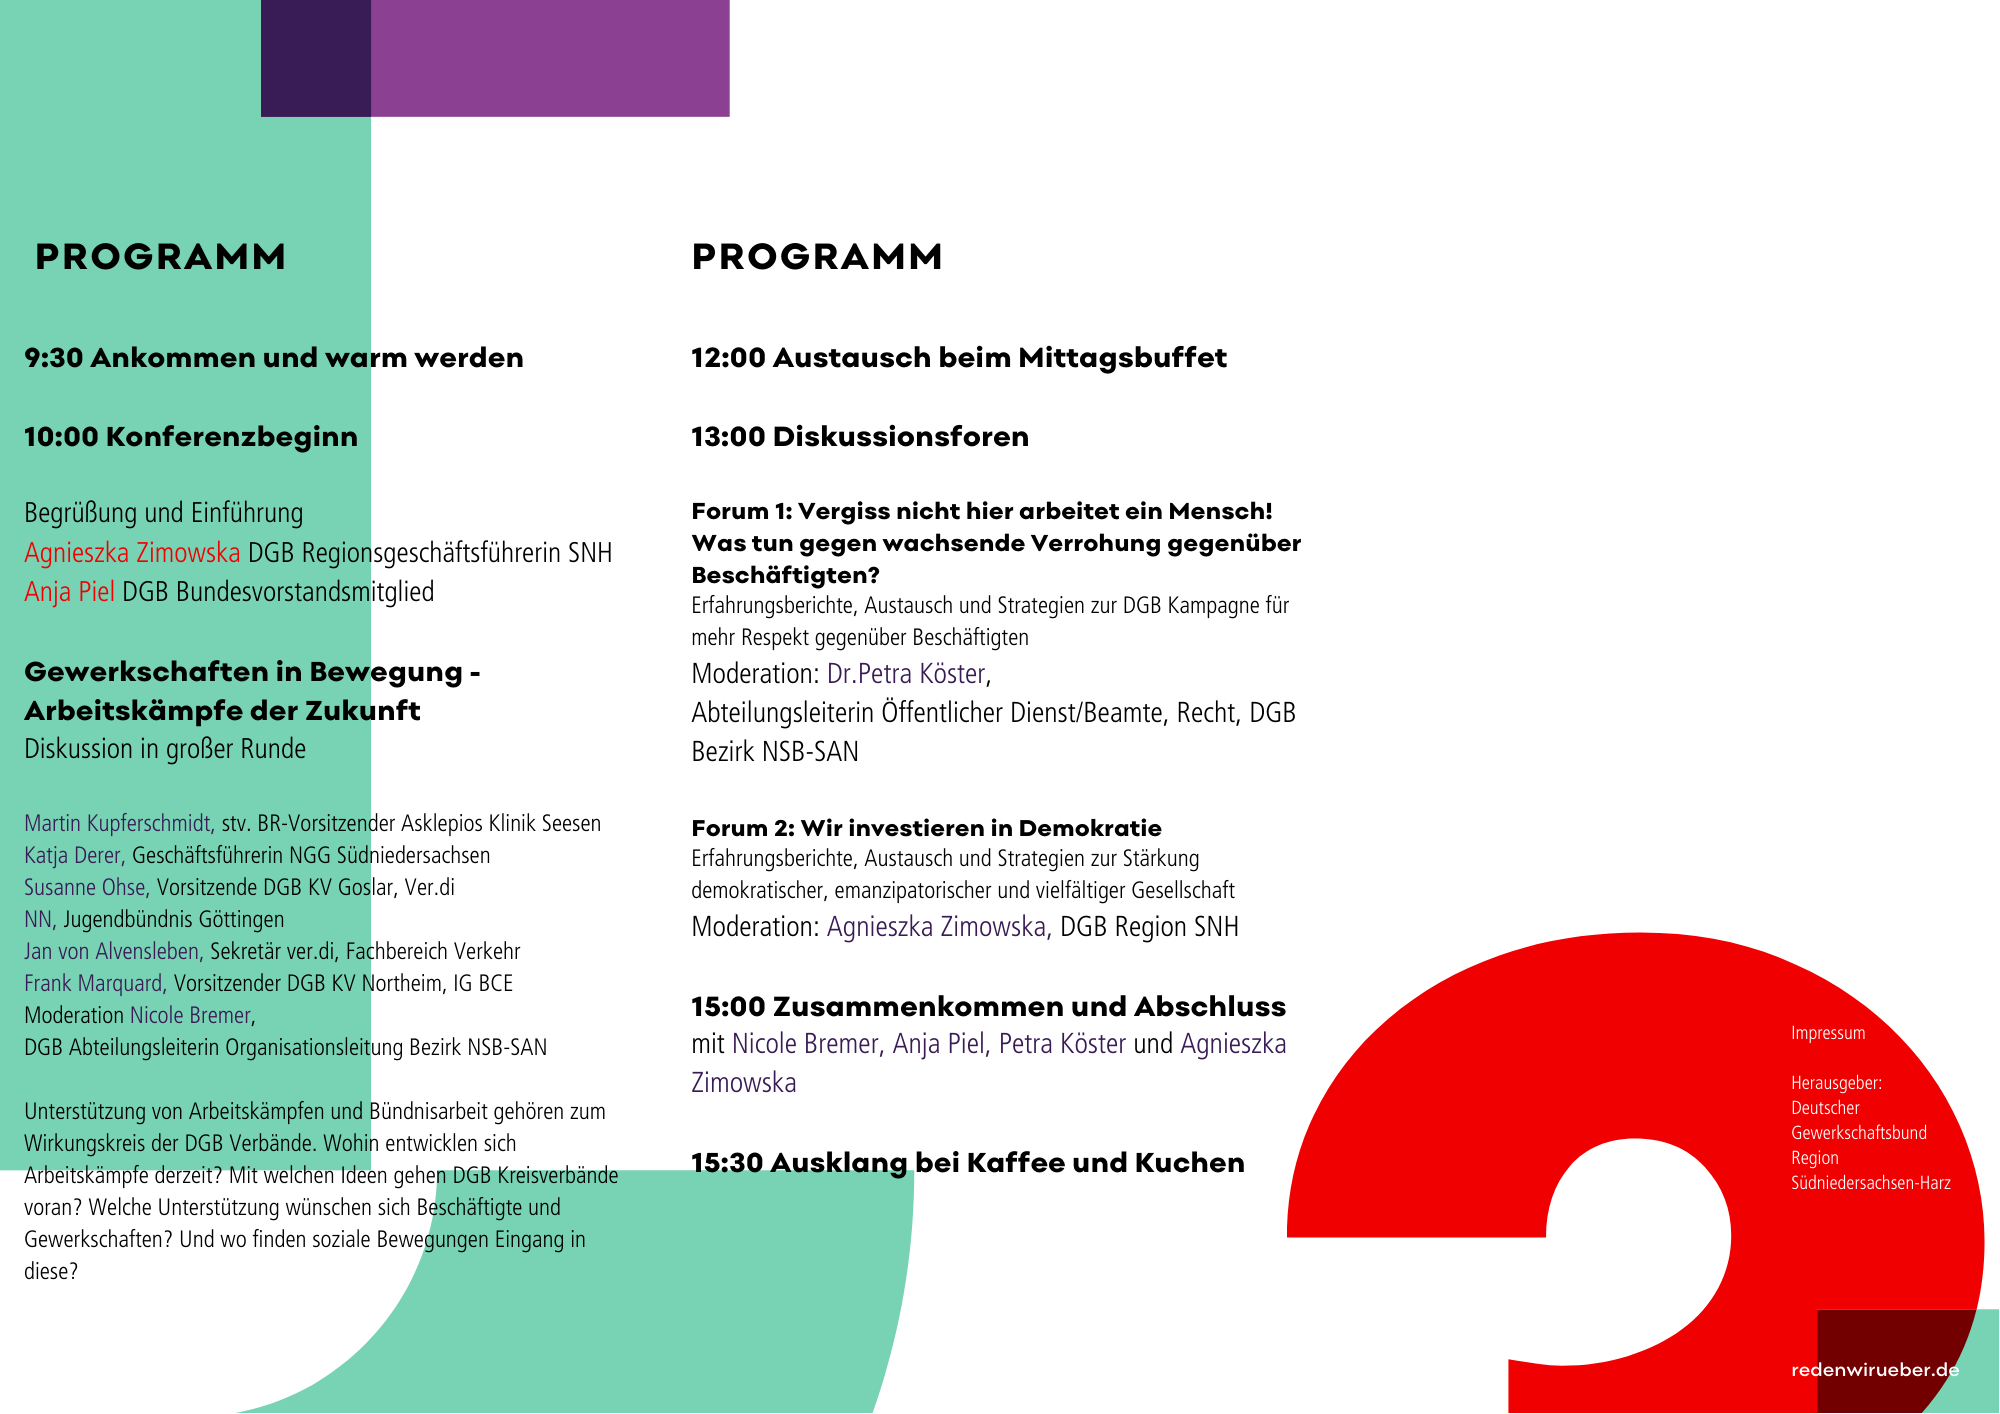 Programm der Tagung